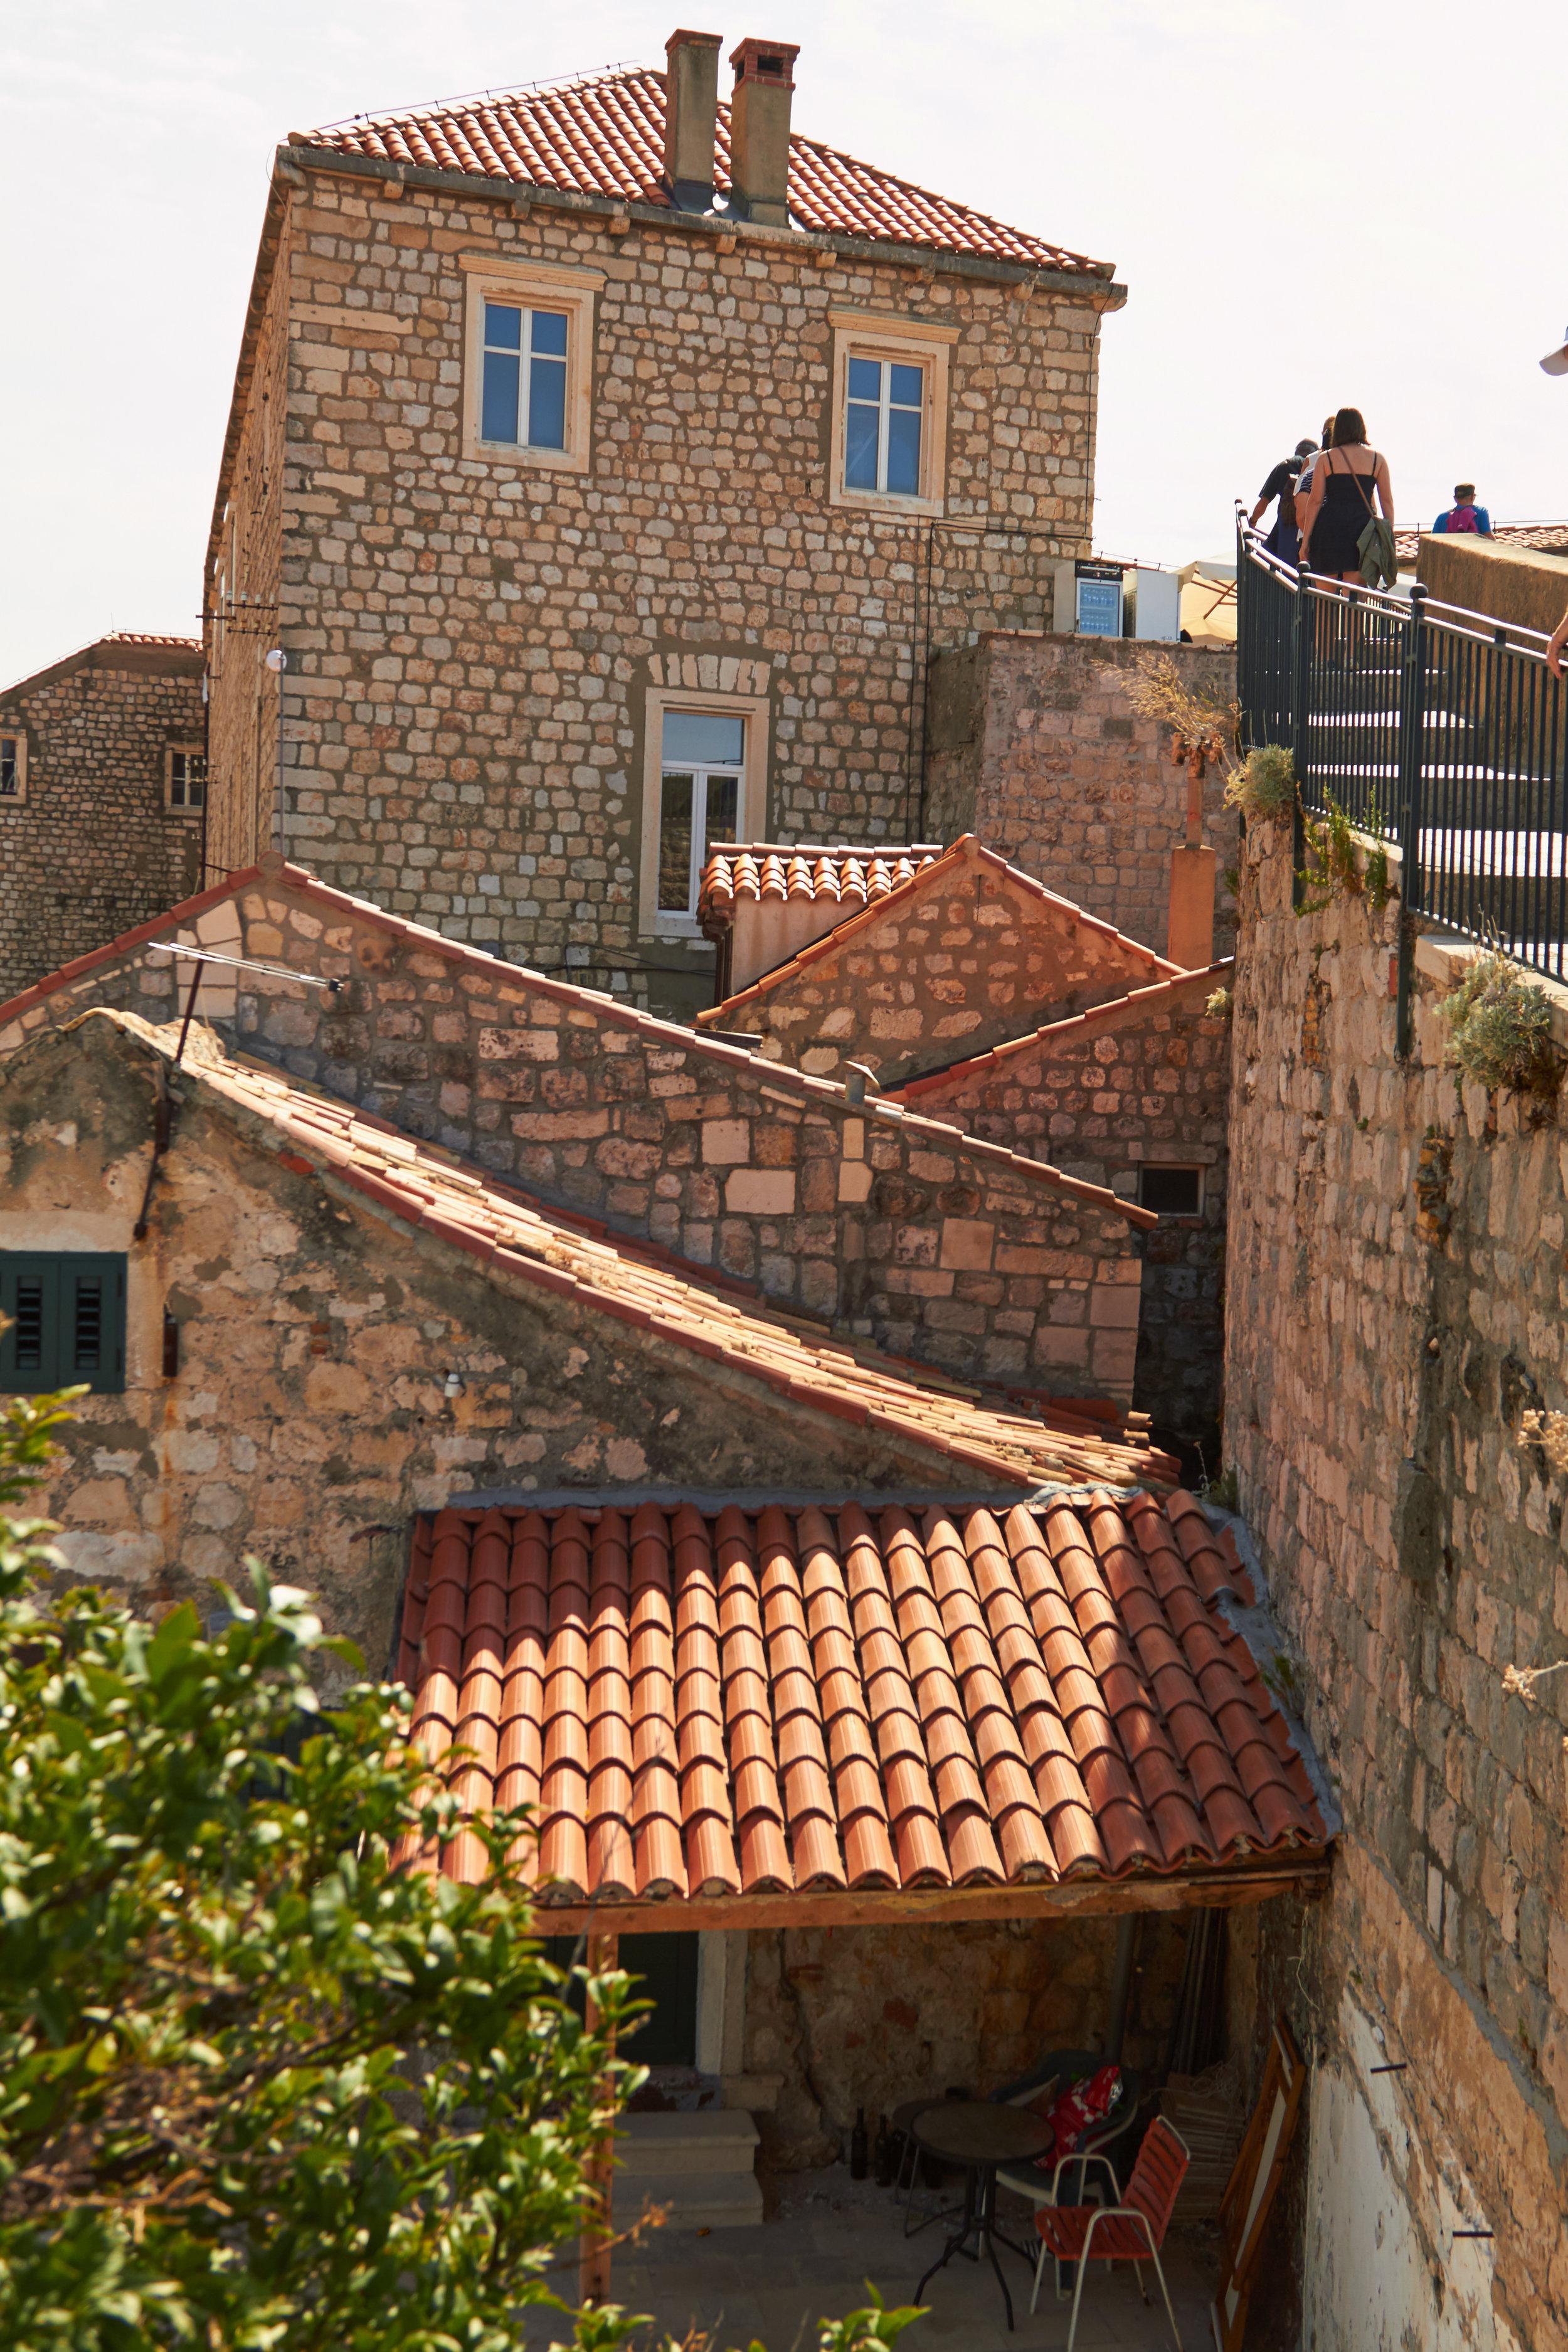 4_24-09-17_Dubrovnik_0258_PROCESSED.jpg